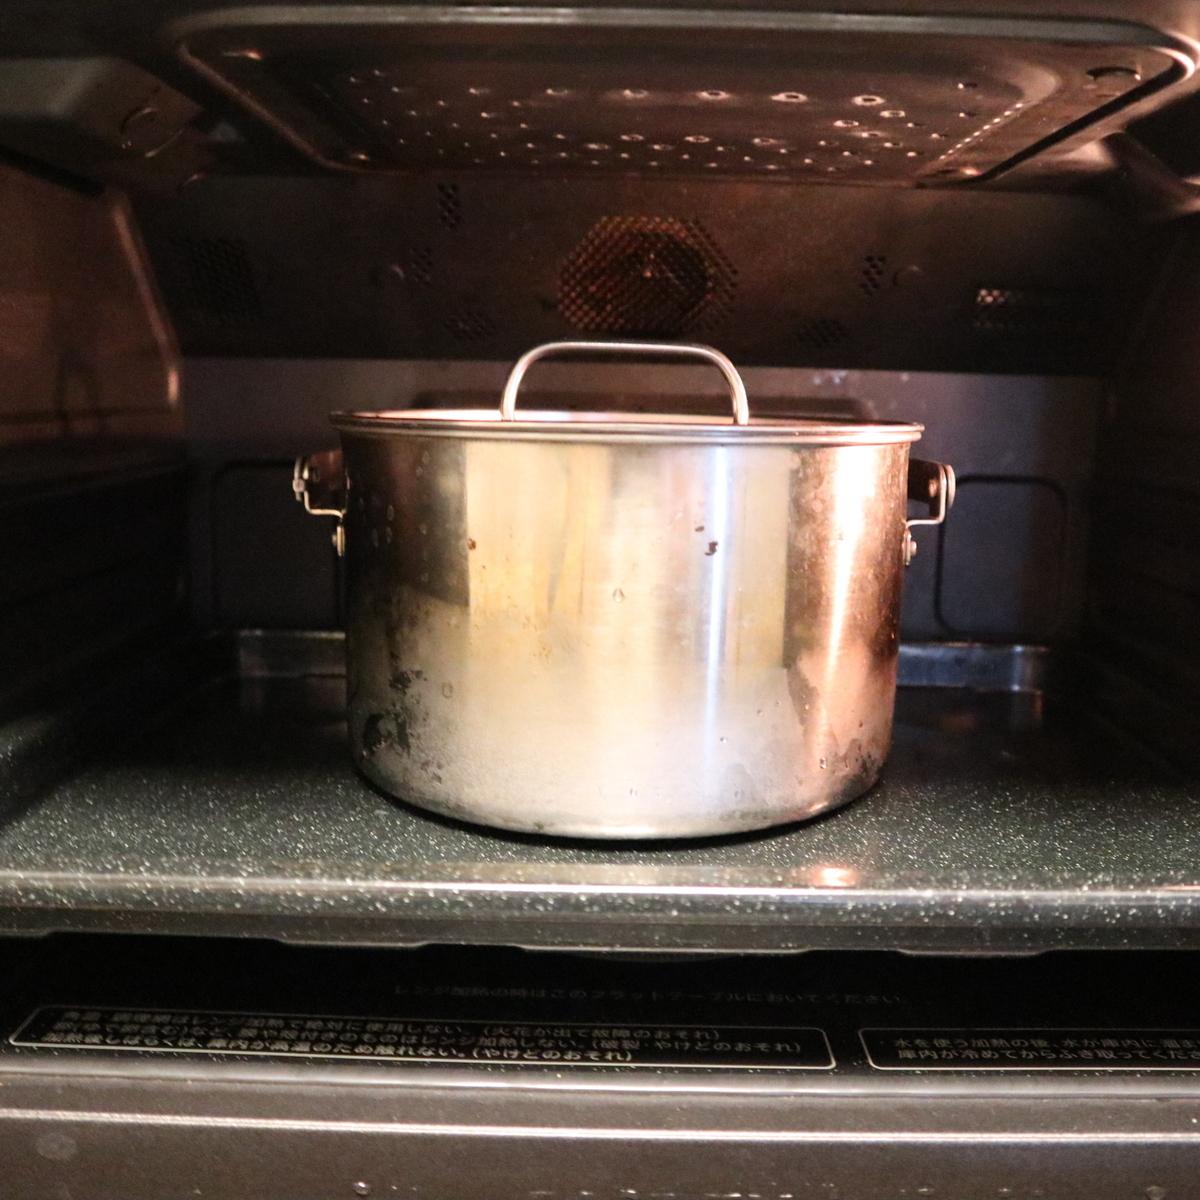 ヘルシオで、鍋に入った肉じゃがを加熱するところ